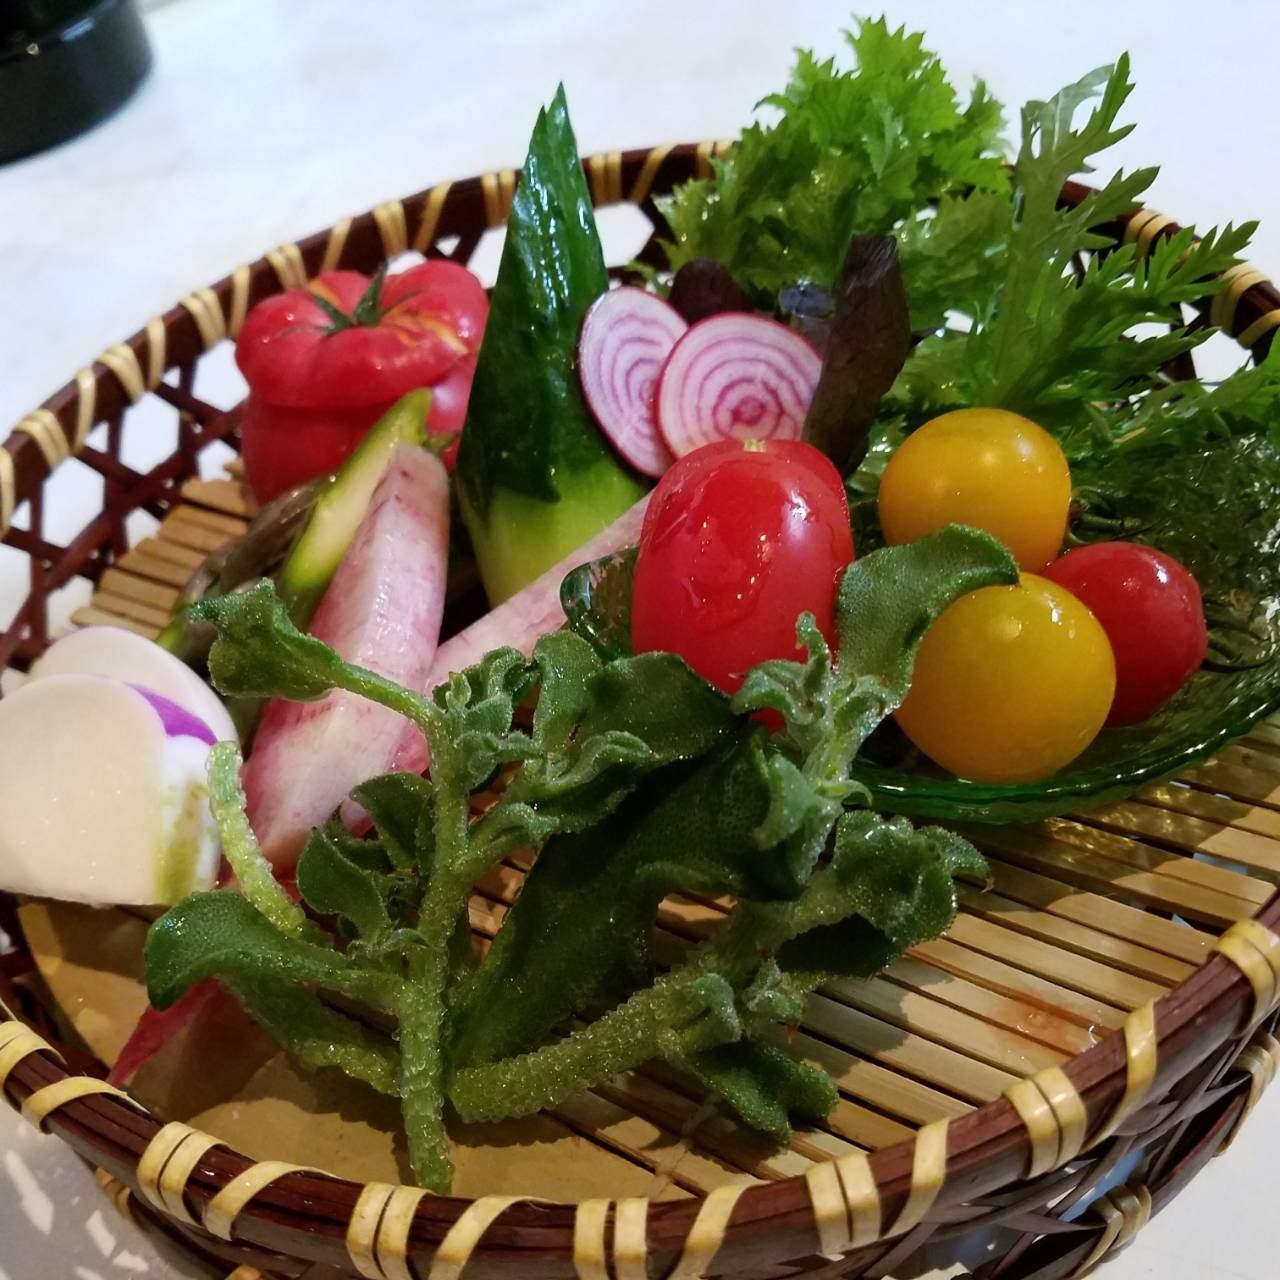 新潟県内産の野菜のかご盛り